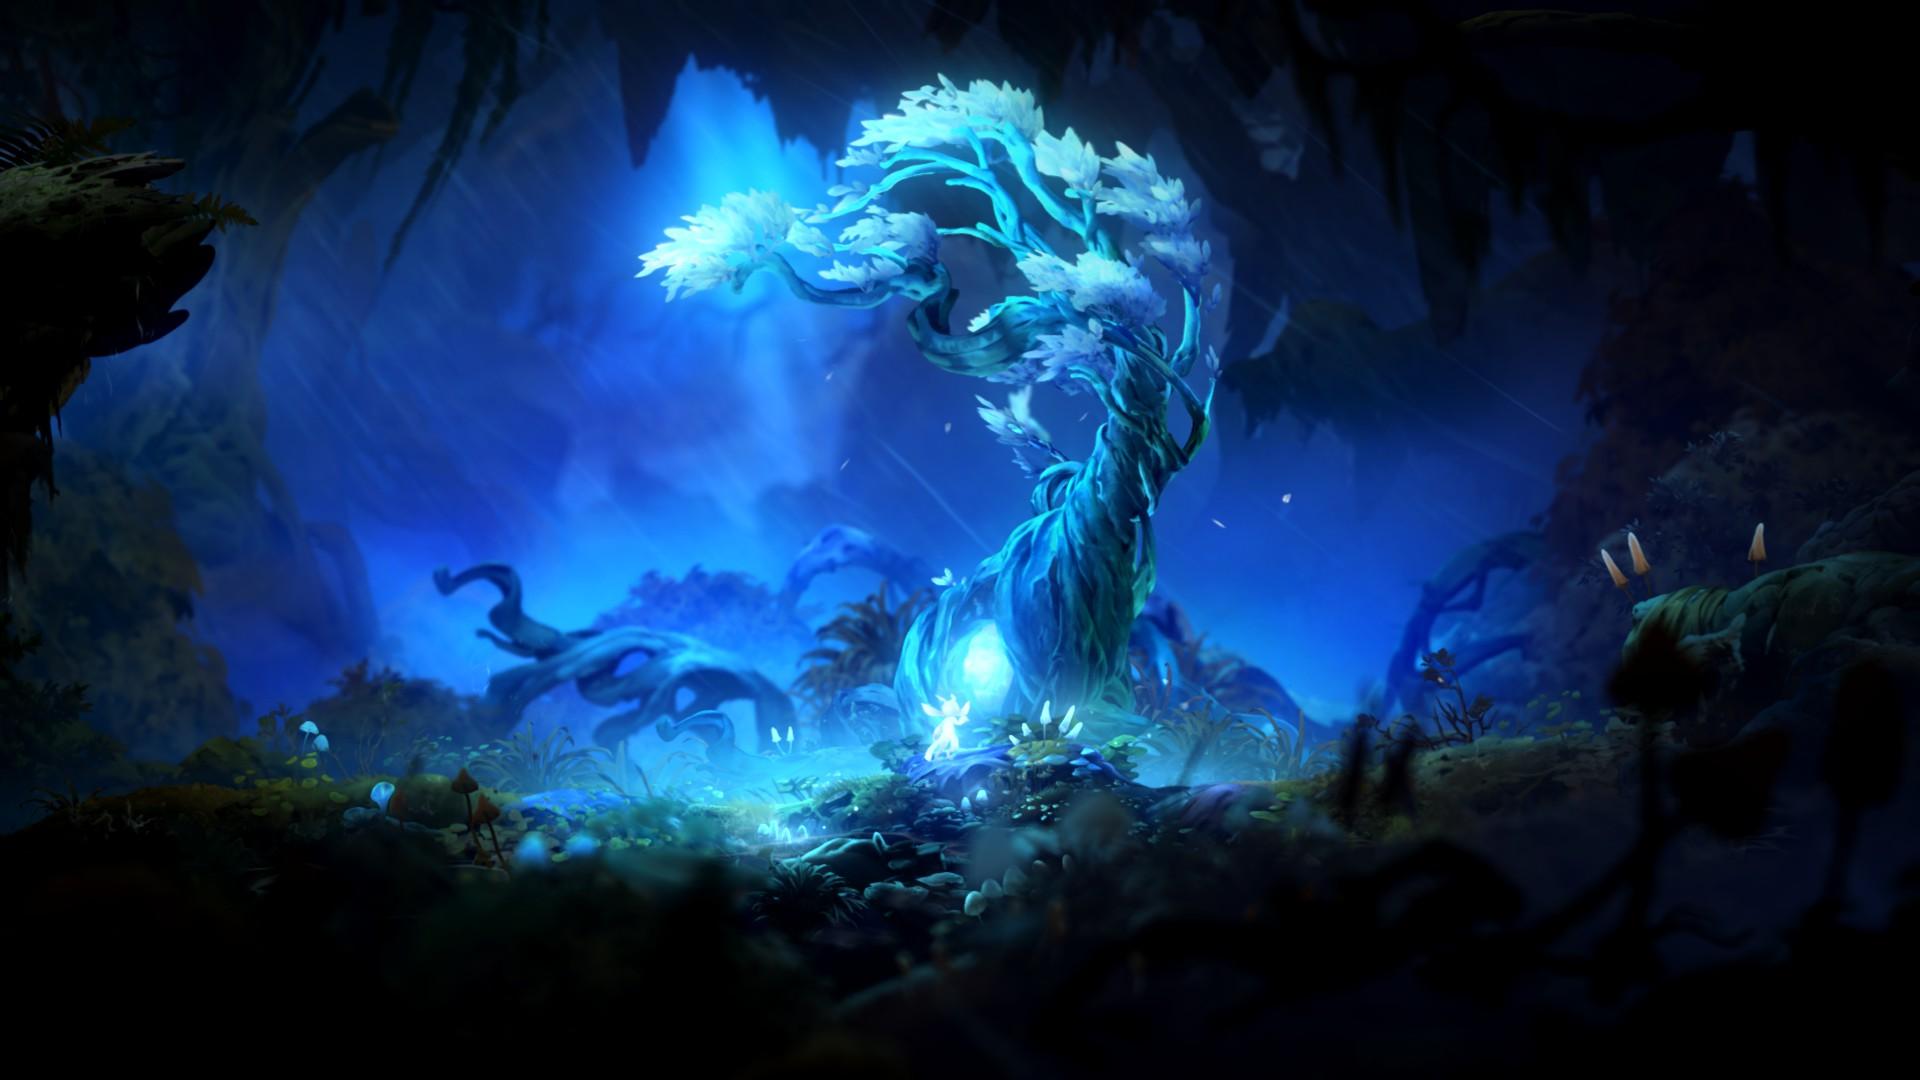 Les arbres esprits